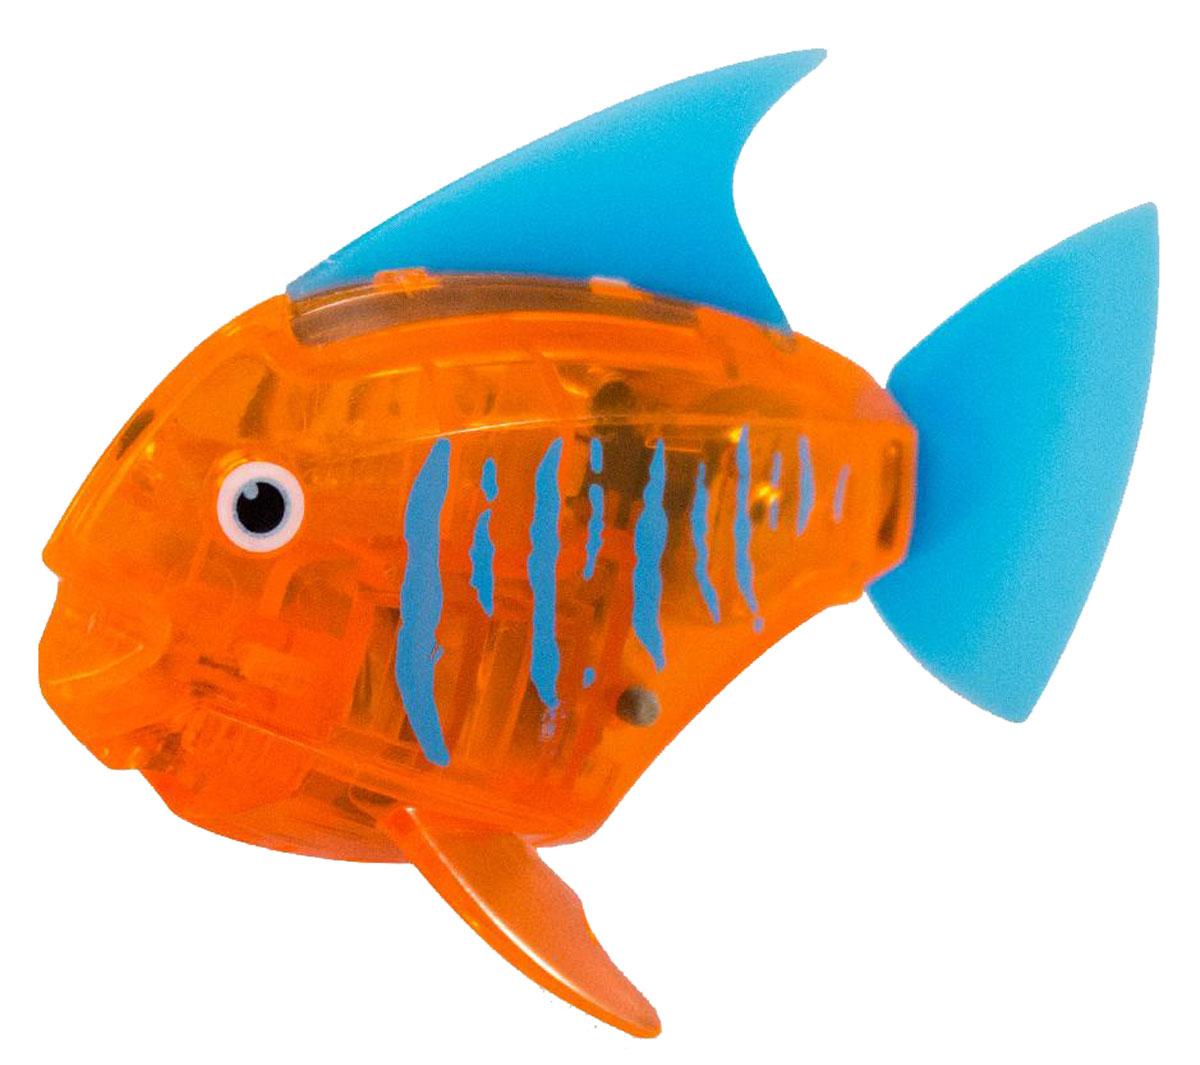 Hexbug Микро-робот Deco цвет оранжевый460-3591Hexbug Aquabot 2.0 Deco - робот микро-рыбка Angelfish с дополнительным окрасом, который оживляет ее внешний вид, делая ее похожей на настоящую экзотическую рыбку. Для микрорыбки не требуется особый уход. Все что нужно — это емкость и вода. Попадая в жидкость, рыбка, почувствовав комфортную для себя среду, начнет шевелить плавничками и хвостом, плавая на поверхности и исследуя окружающее водное пространство, или быстро погружаясь вглубь. Спустя 5 минут непрерывных движений рыбка заснет. Постучав по стенкам аквариума, ее можно разбудить и продолжить игру. В один аквариум можно поместить несколько рыбок, вместе им будет веселее. Кстати за микрорыбкой можно наблюдать не только днем, но и ночью, ведь она светится в темноте!